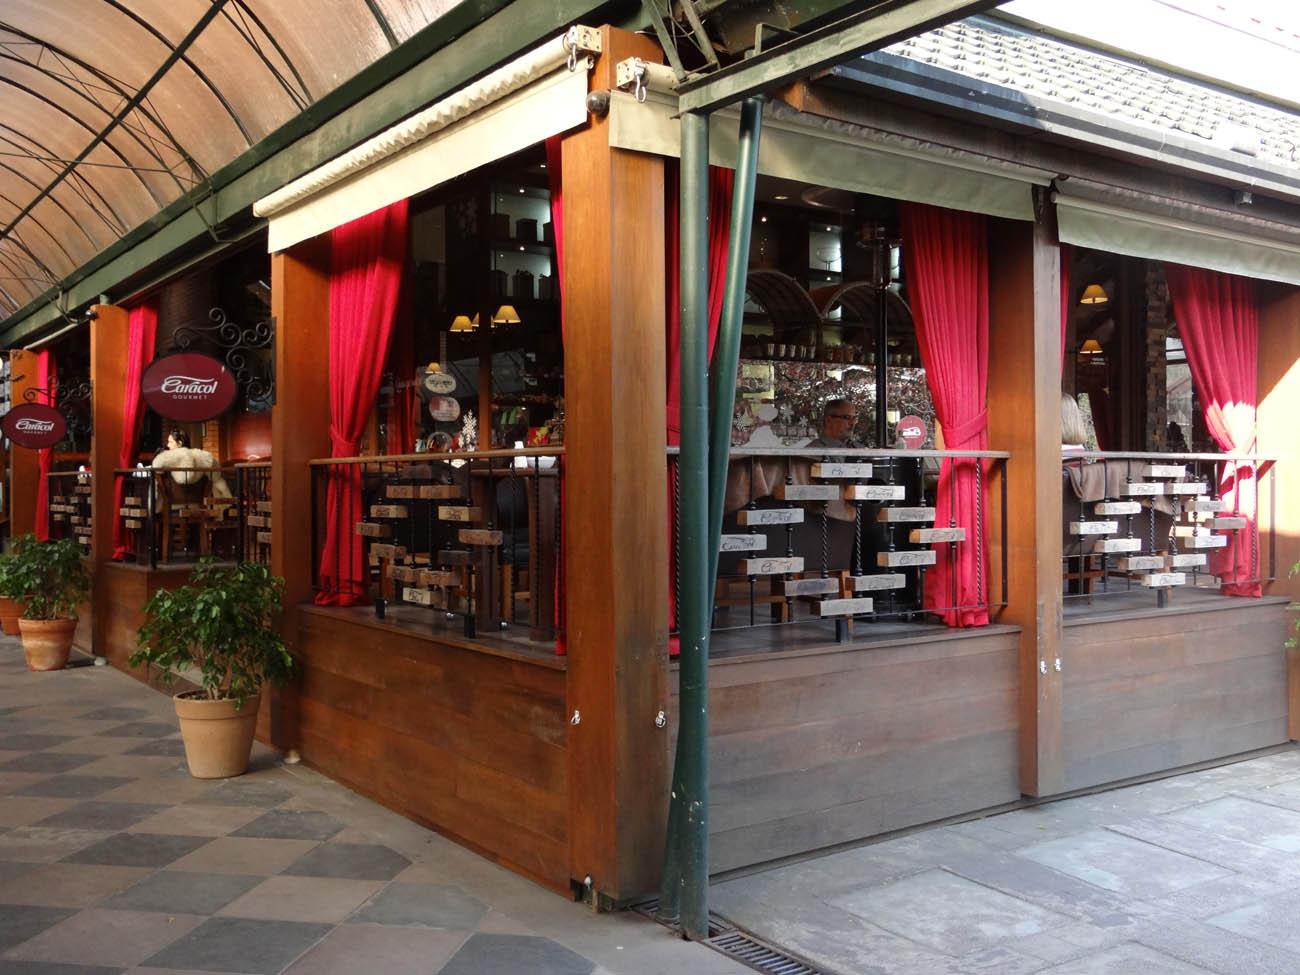 Caracol Chocolates: Loja Rua Coberta e Caracol Gourmet - Mapa de Gramado. Foto: Bárbara Keller